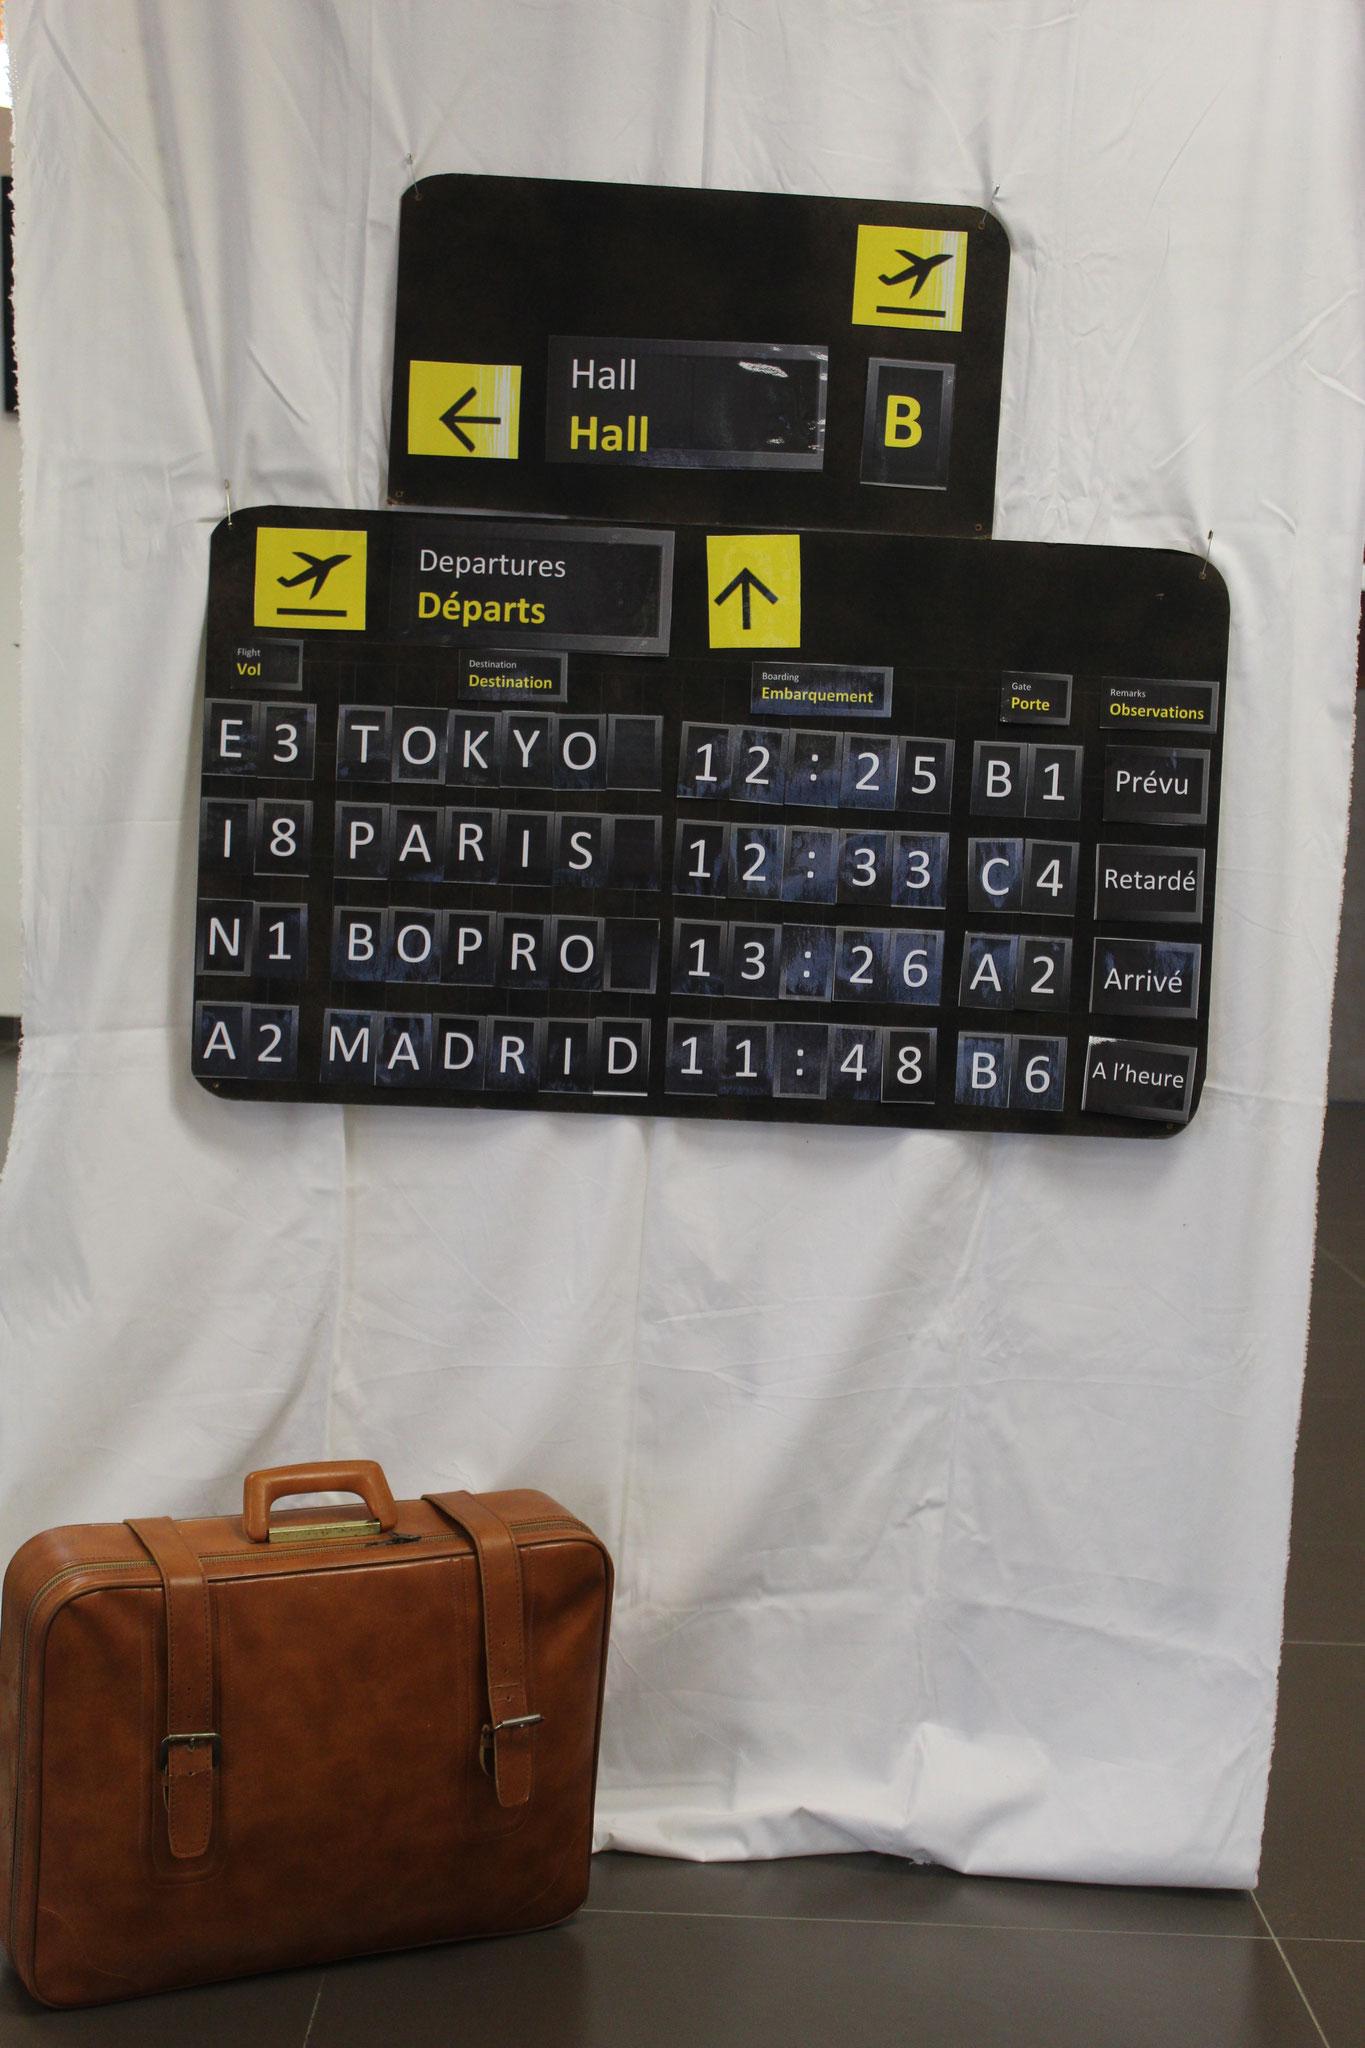 Hall d'aéroport